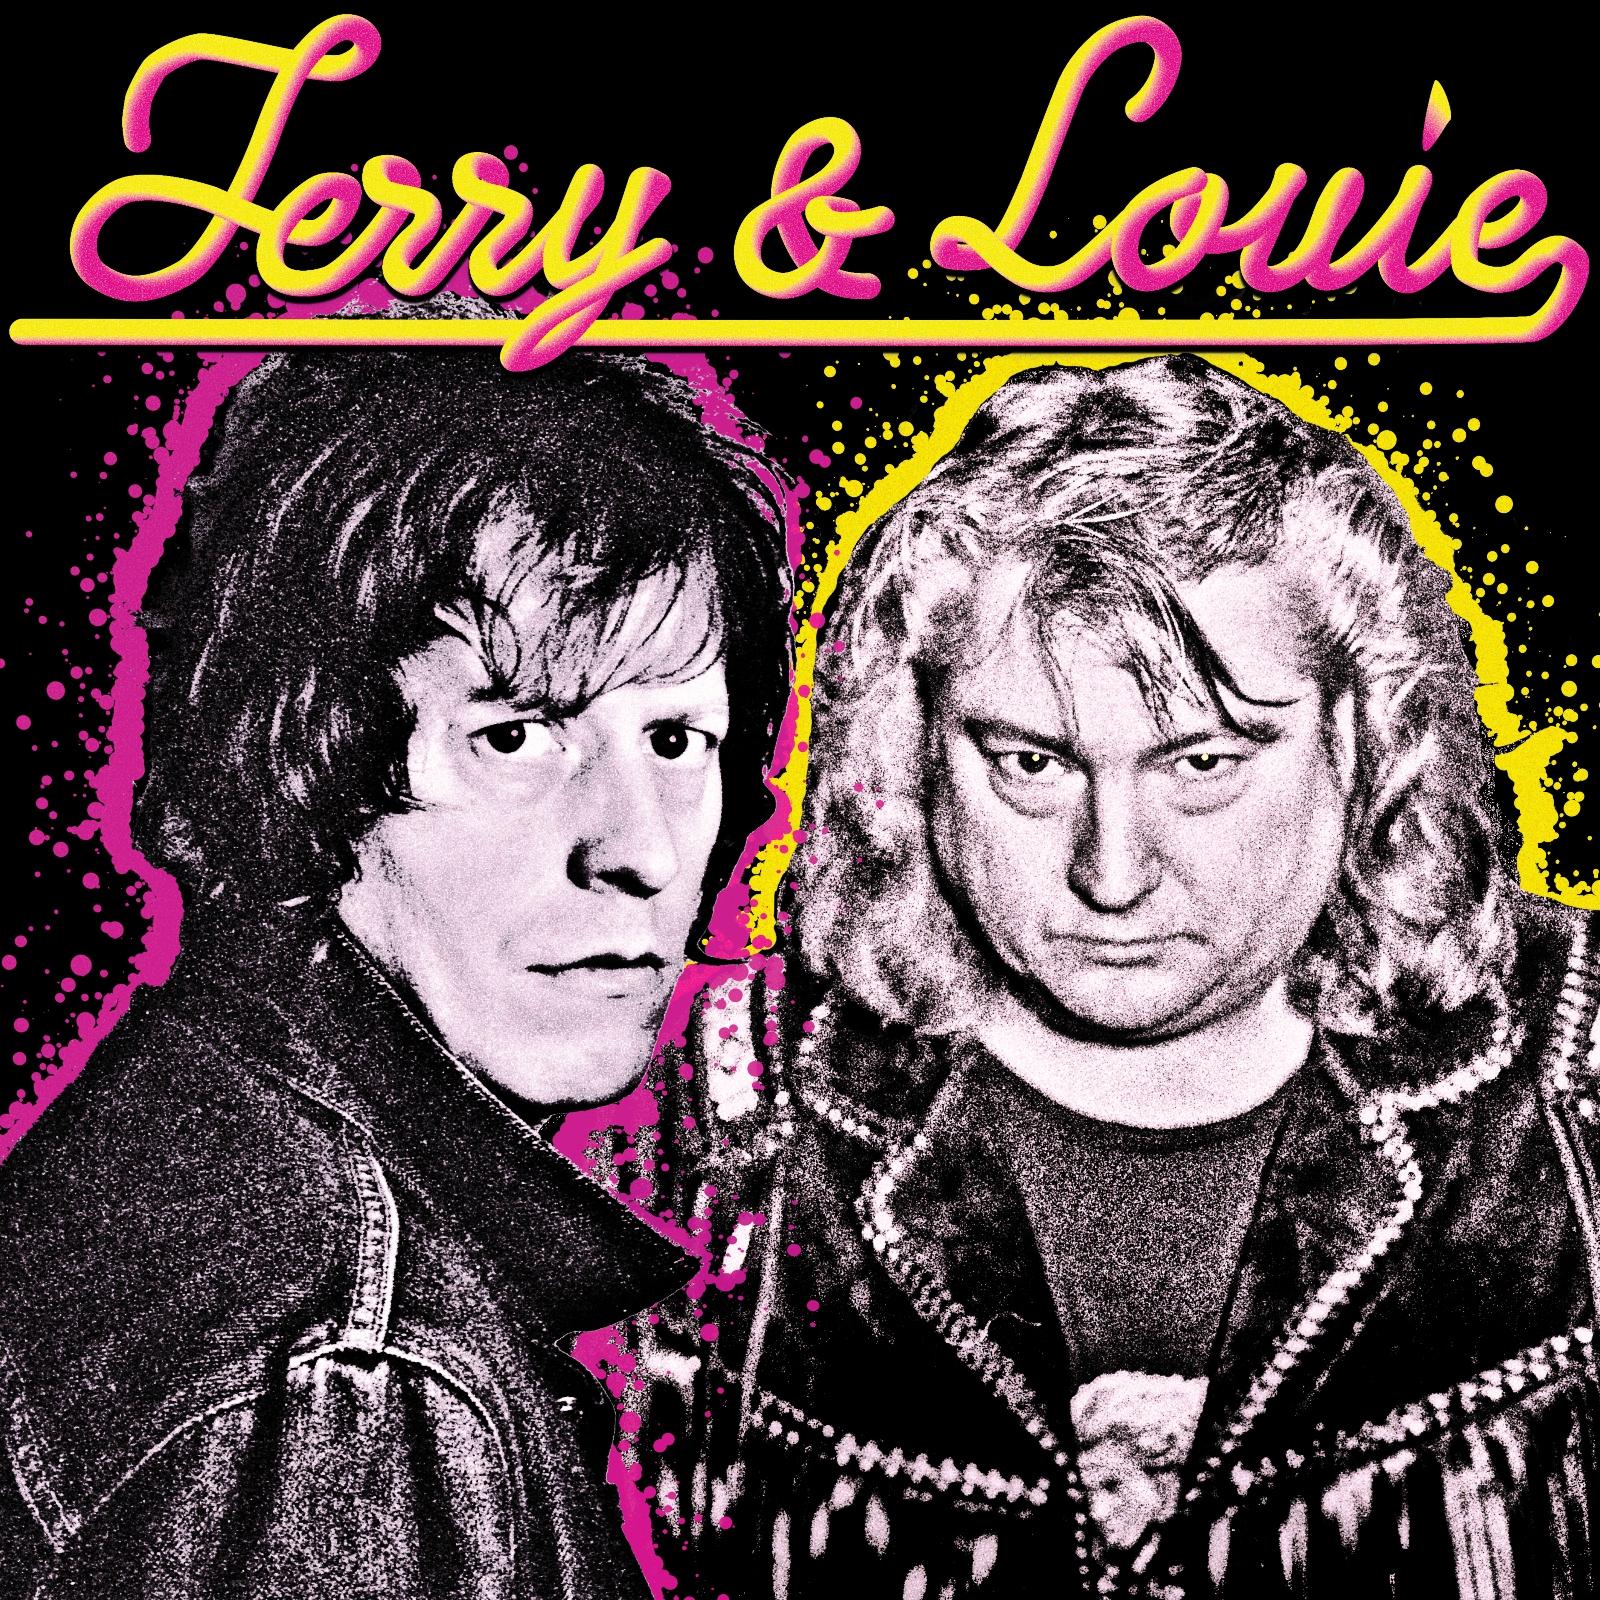 Terry Louie cmyk Coverpsd 2.jpg